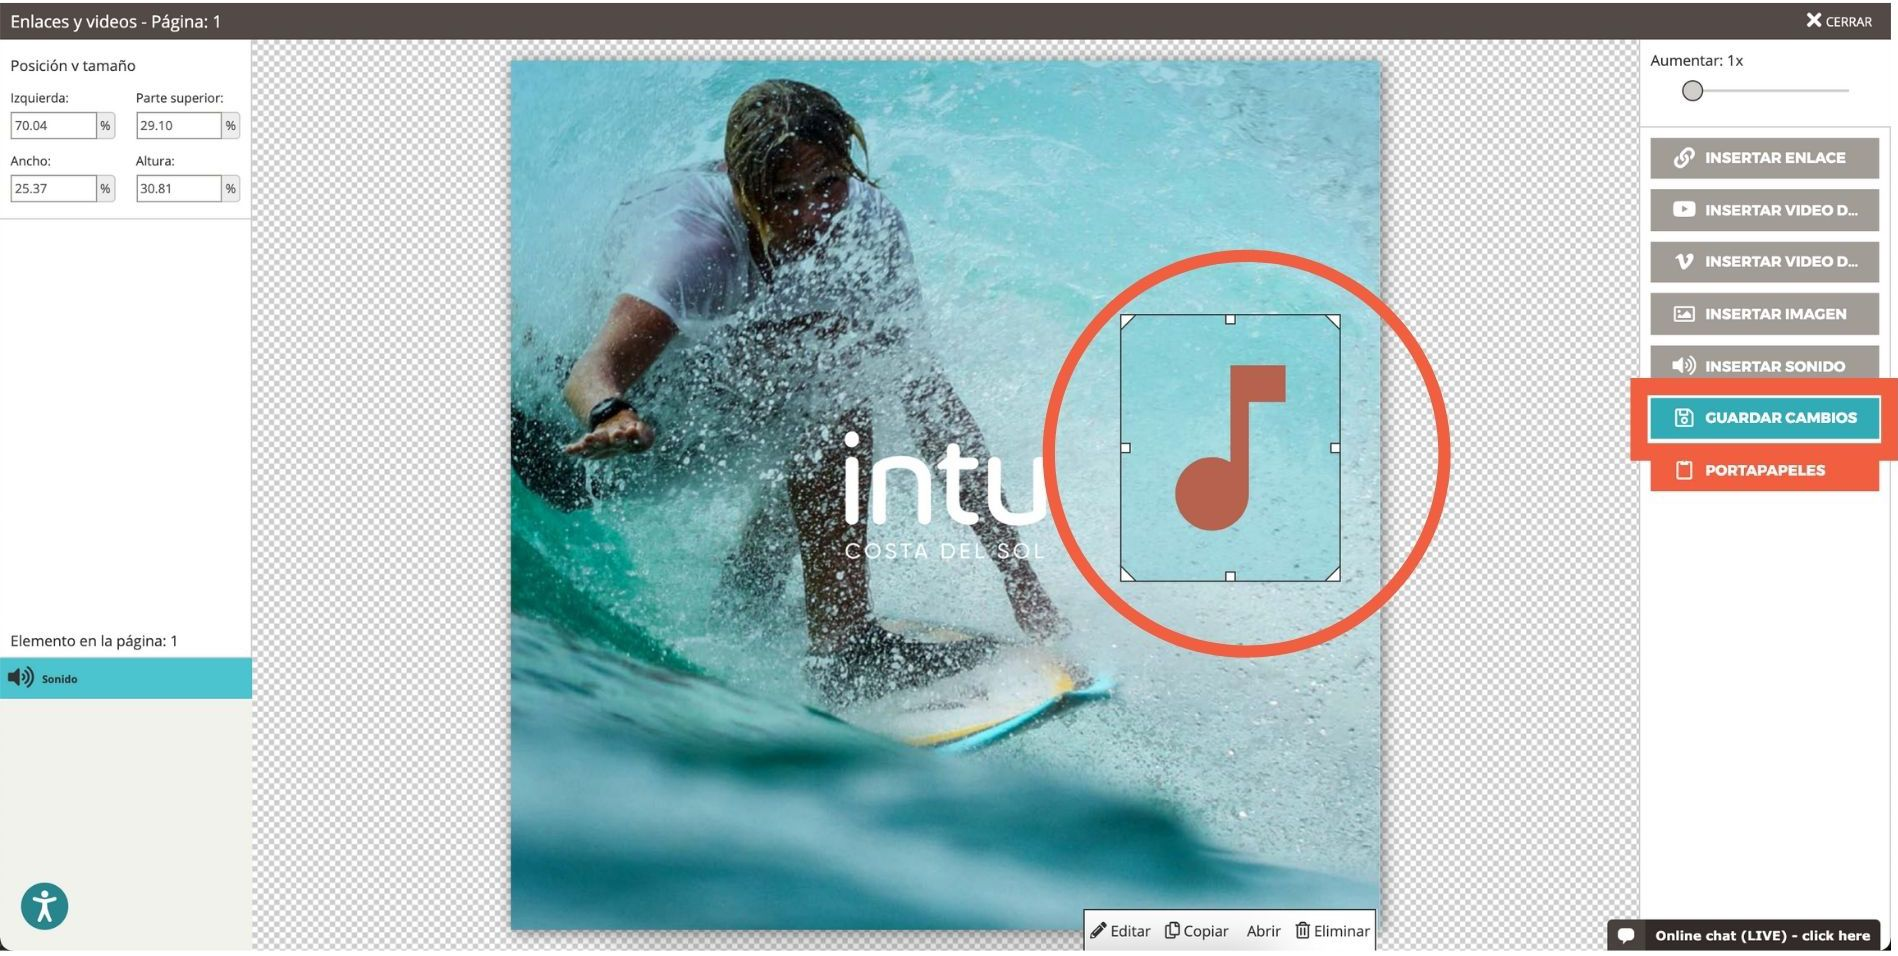 Captura de pantalla que muestra el icono de sonido agregado al flipbook y la capacidad de cambiar su